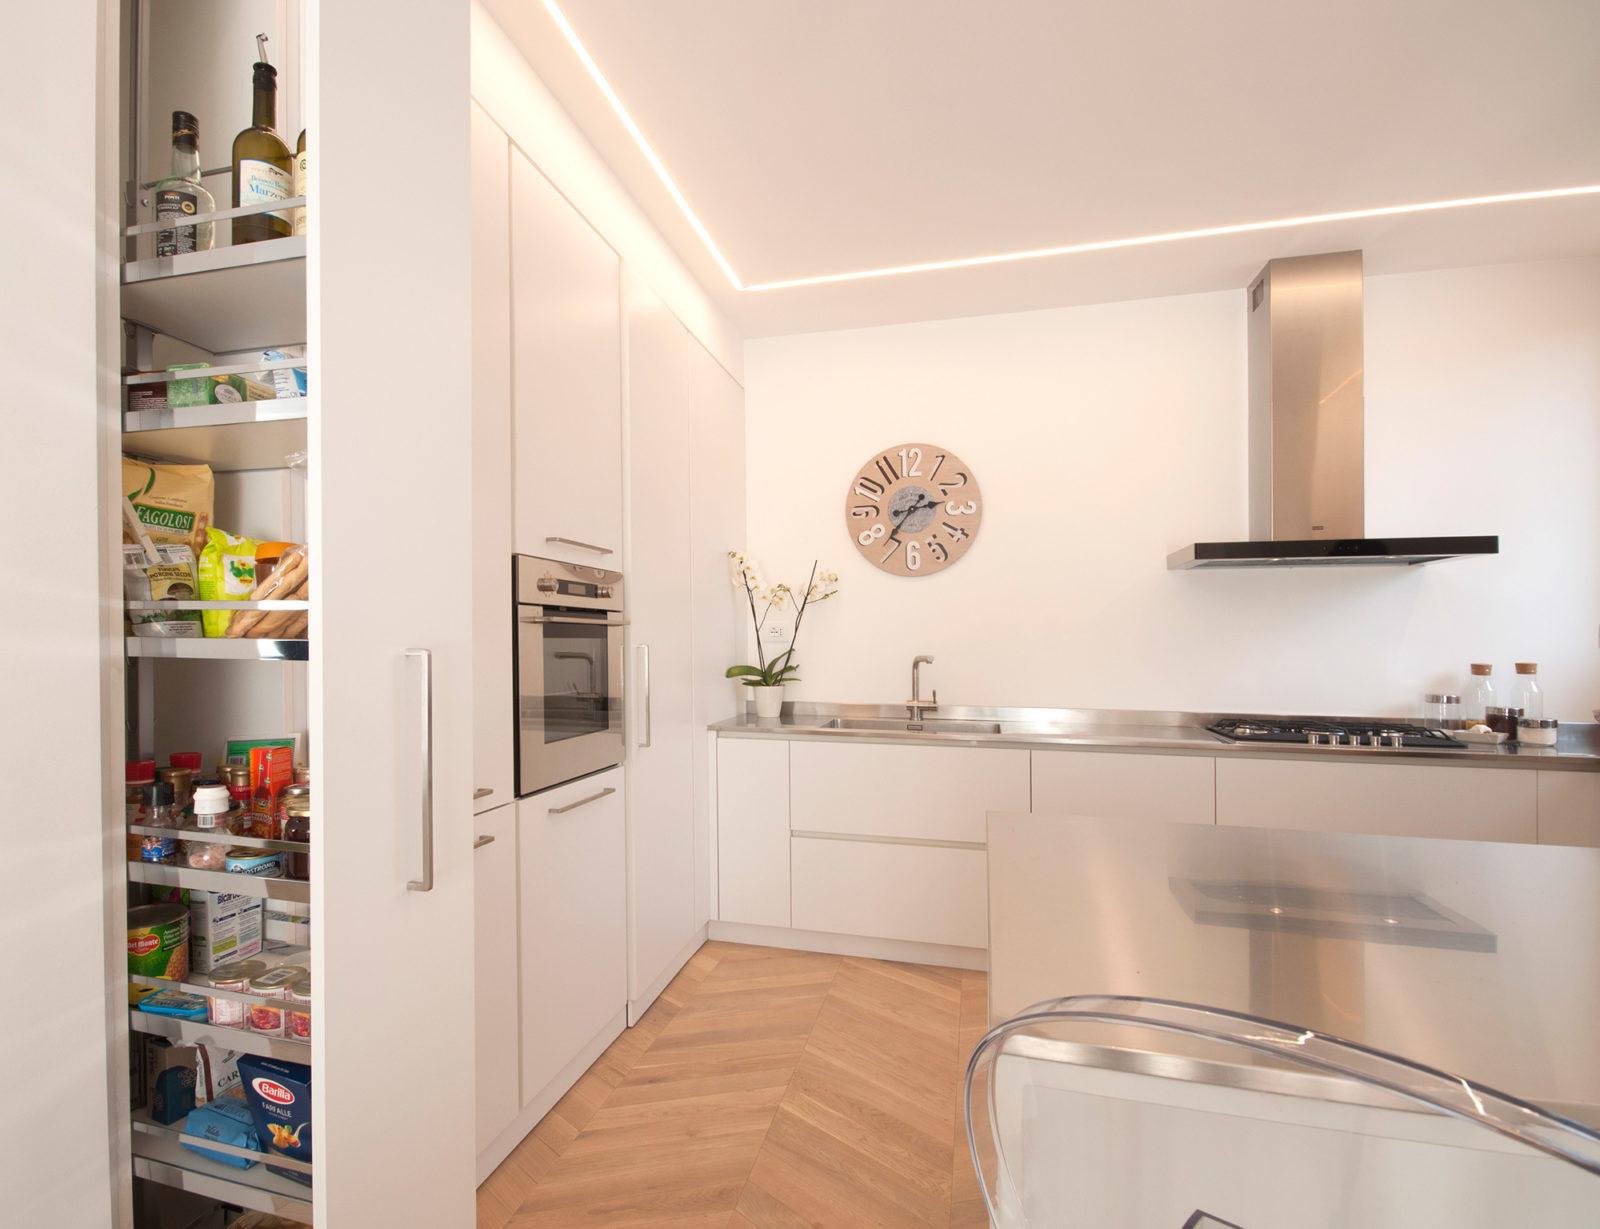 Cucina Artigianale Moderna.Cucine In Legno Su Misura A Brescia Falegnameria Maestri